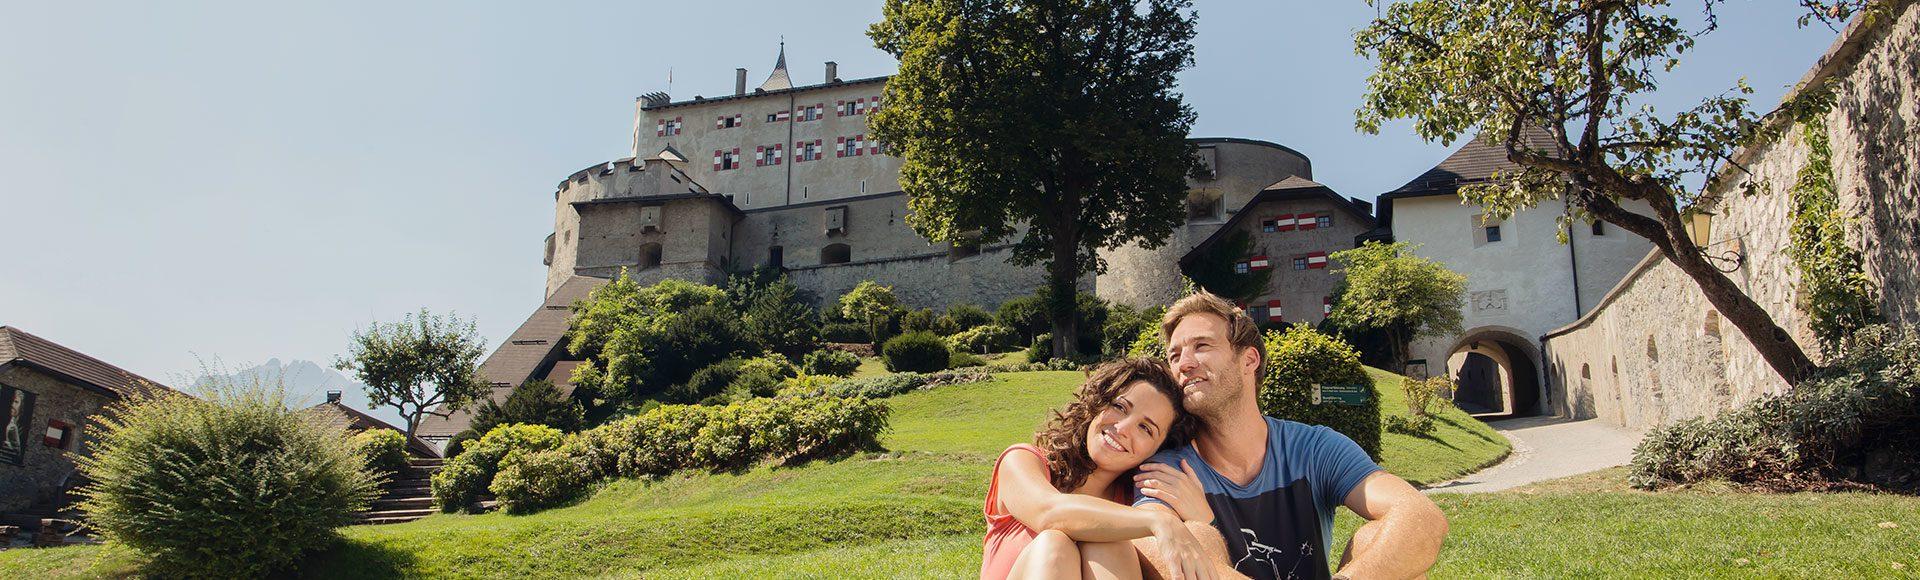 Burg Hohenwerfen Salzburger Land Tourismus Eva Trifft 1